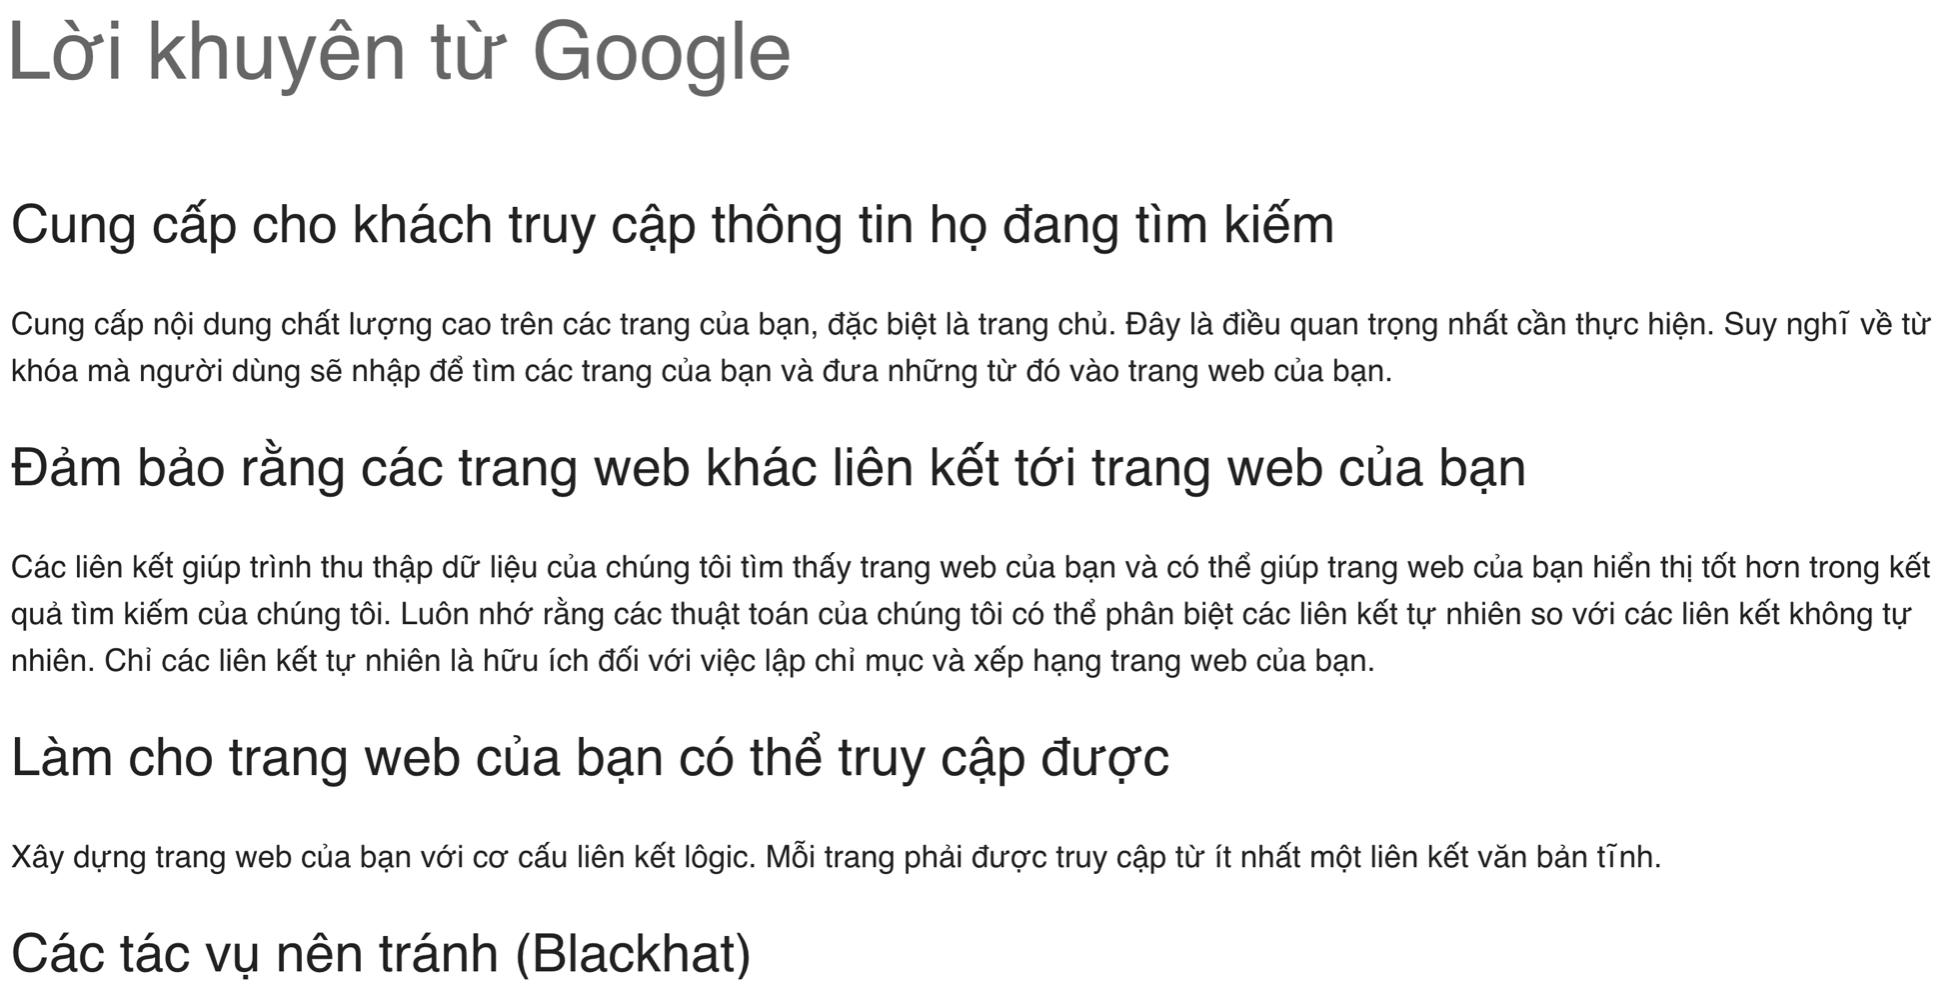 Thế nào là một website Google mong muốn bạn làm